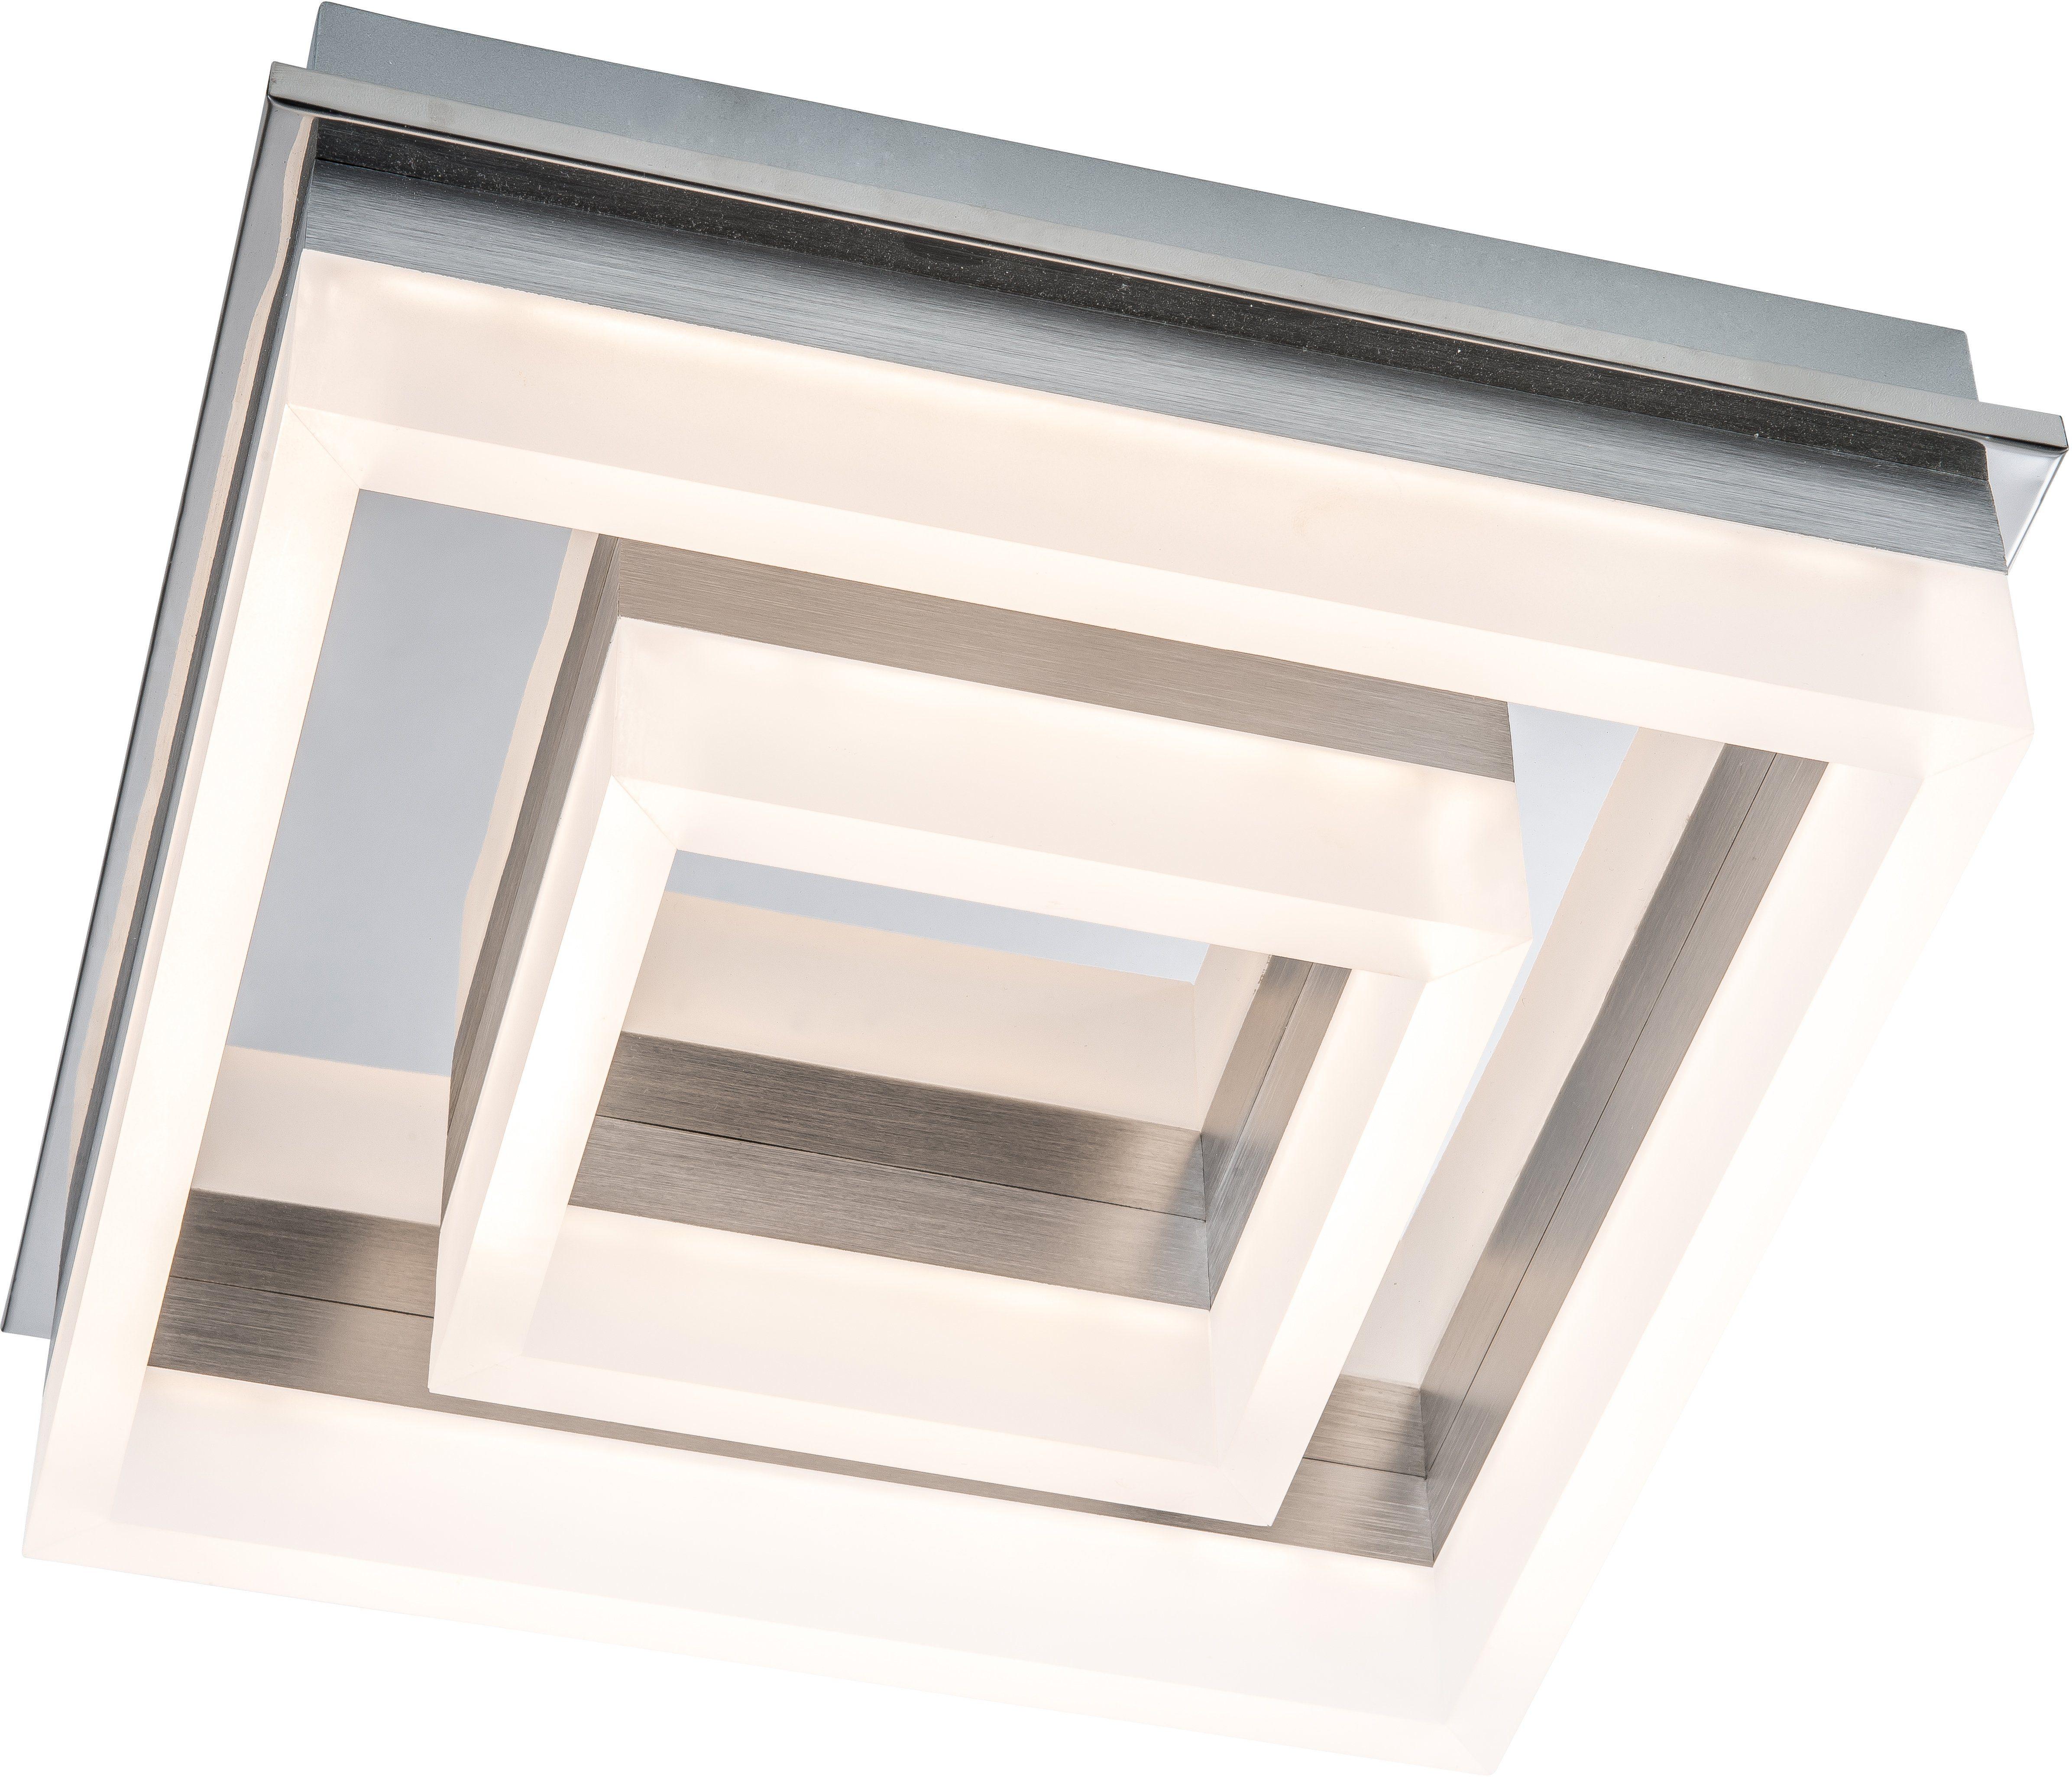 Nino LED-Deckenleuchte, »LENNOX«